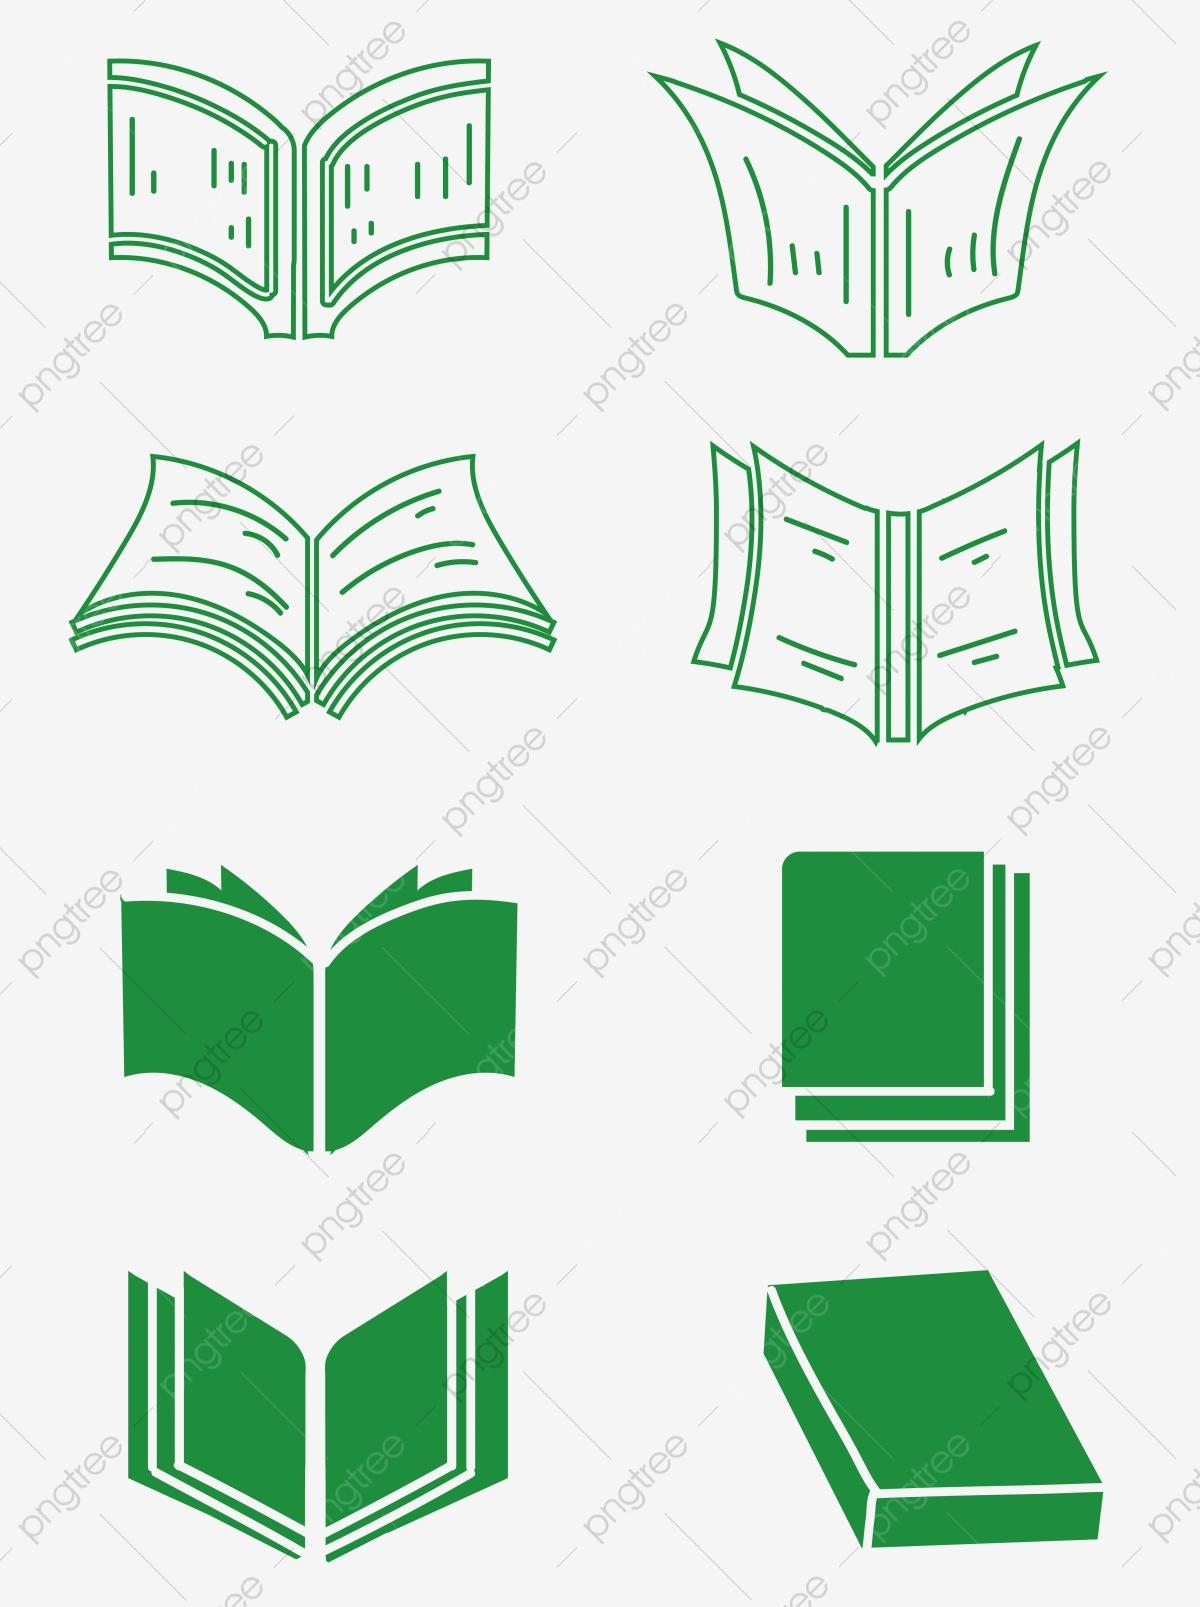 gambar buku book bahan vektor buku unduhan templat buku png dan vektor dengan latar belakang transparan untuk unduh gratis https id pngtree com freepng book picture 5443080 html